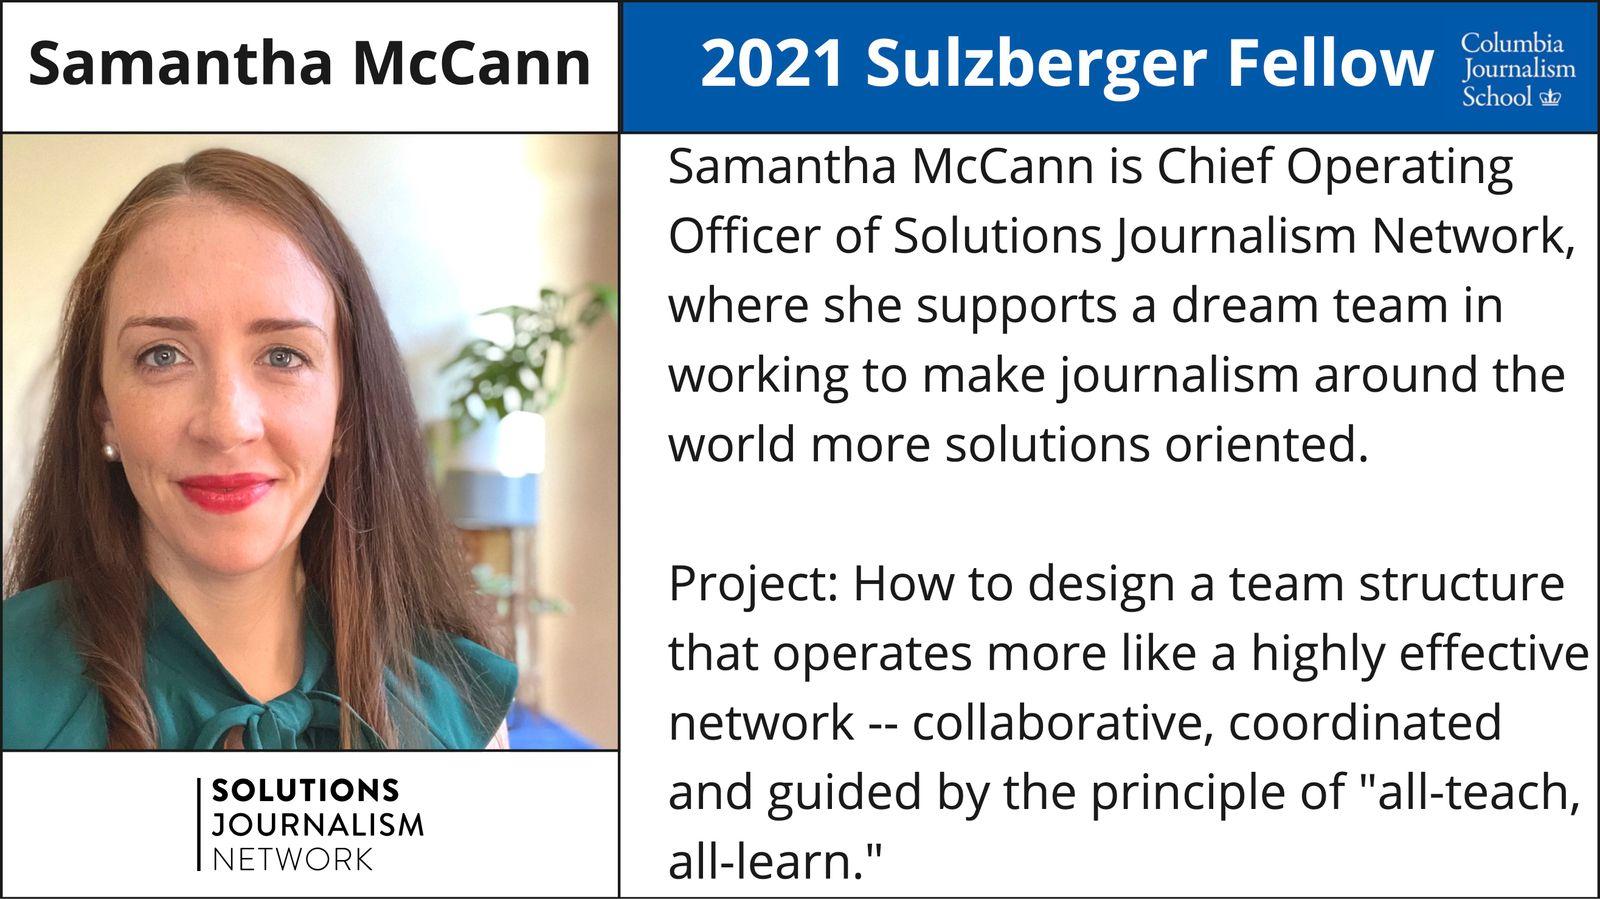 Samantha McCann